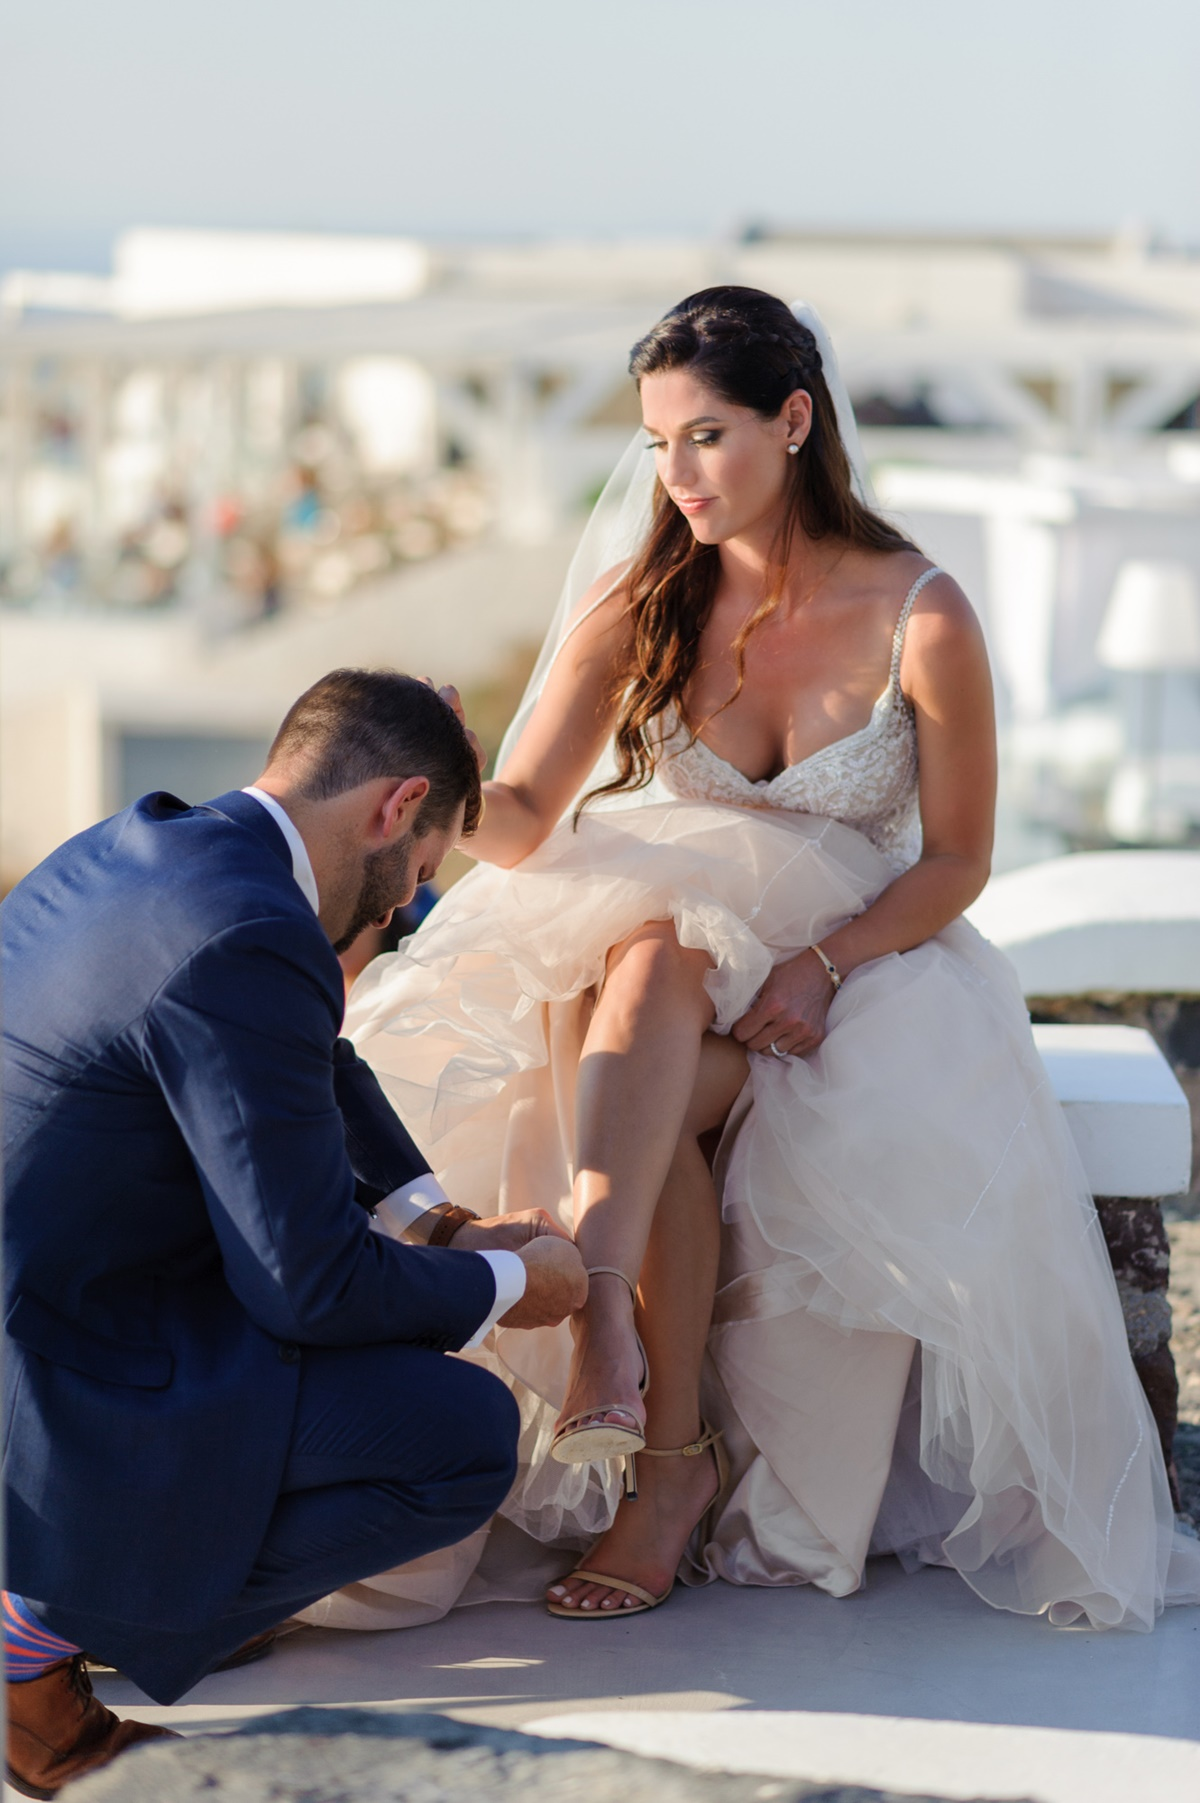 Ονειρεμένος καλοκαιρινός γάμος στη Σαντορίνη phosart photography